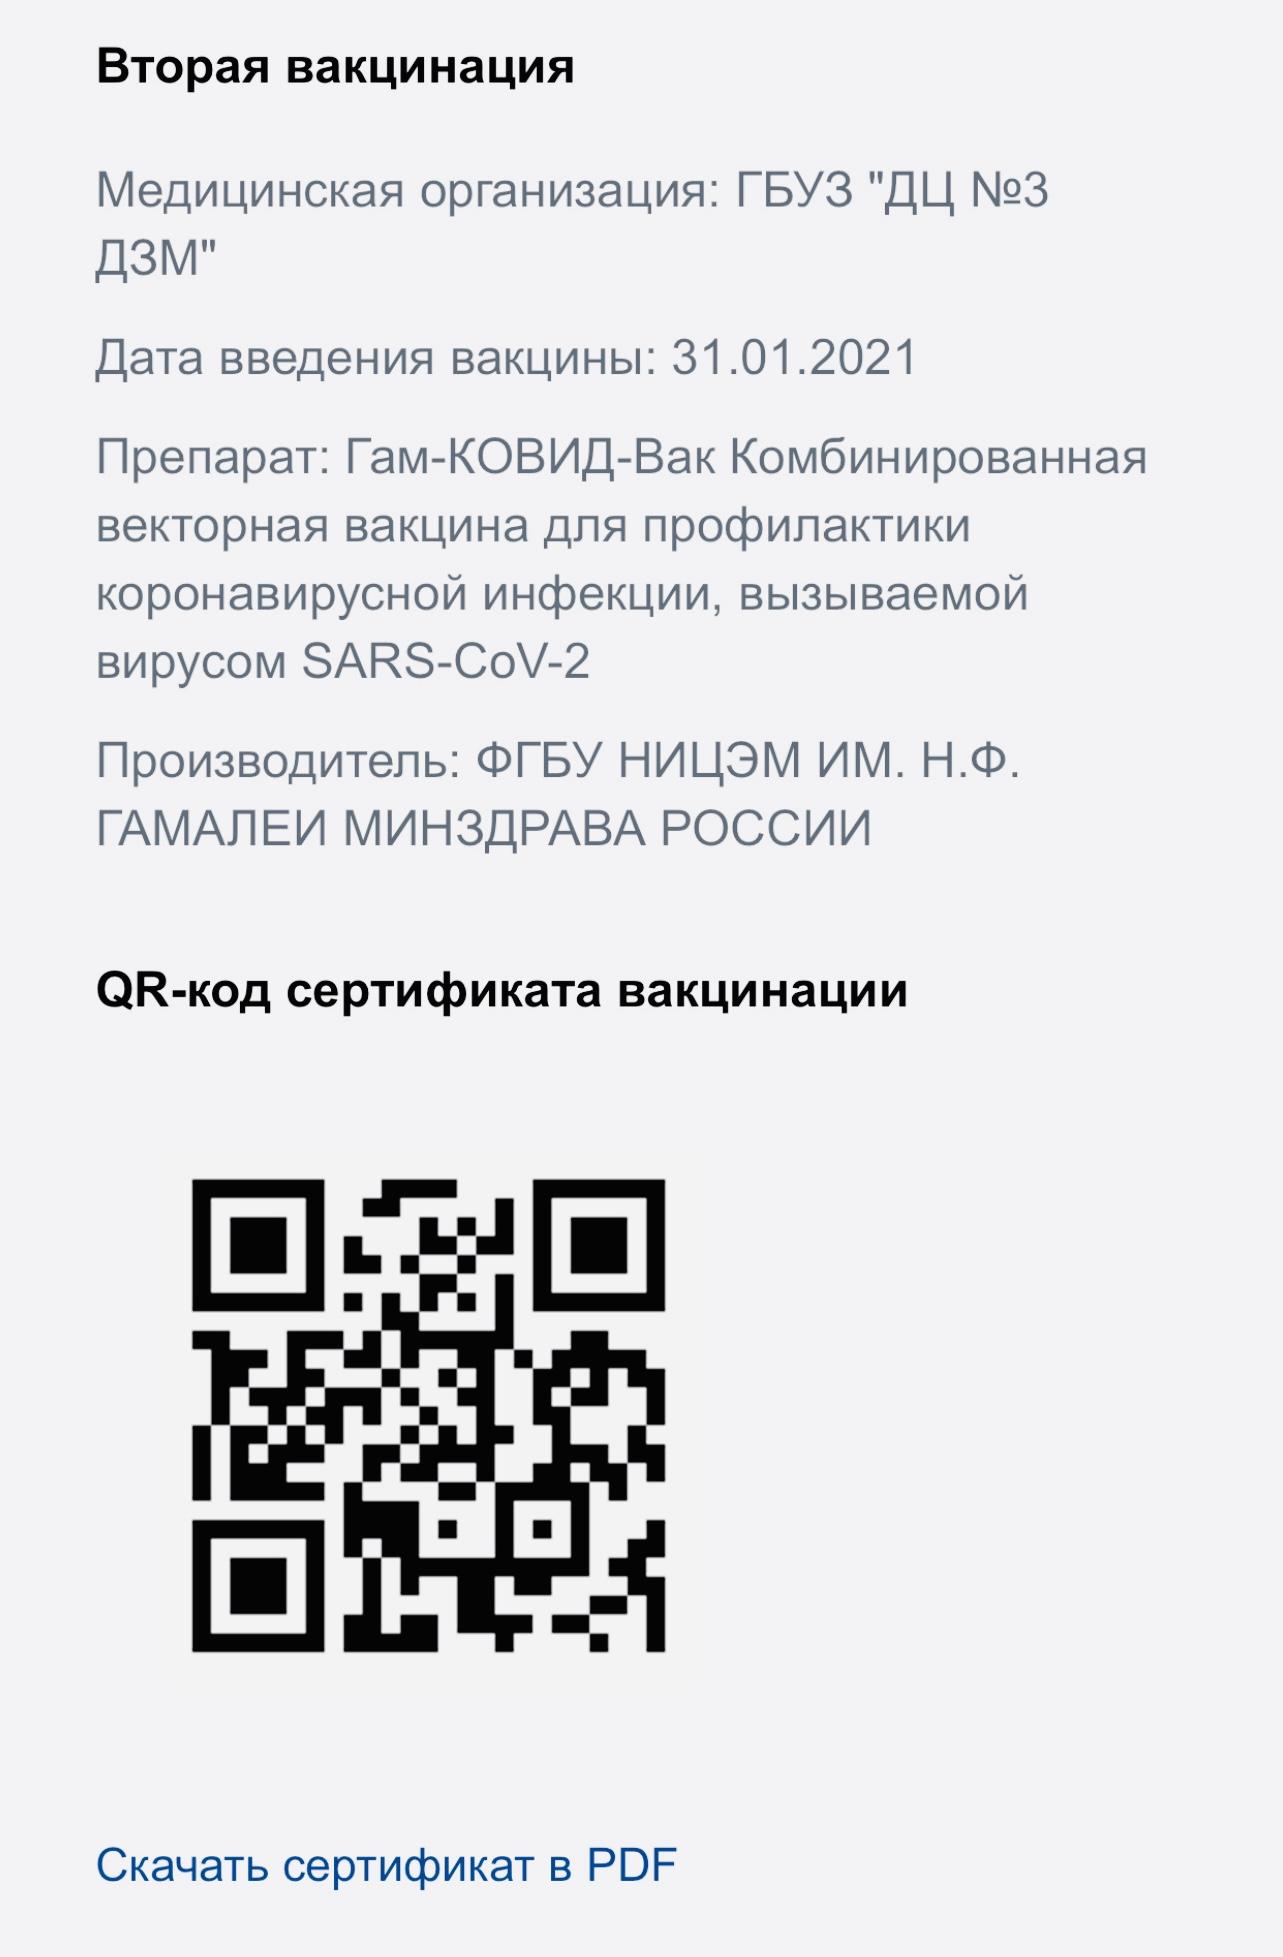 Нажимаем «Скачать сертификат в PDF»